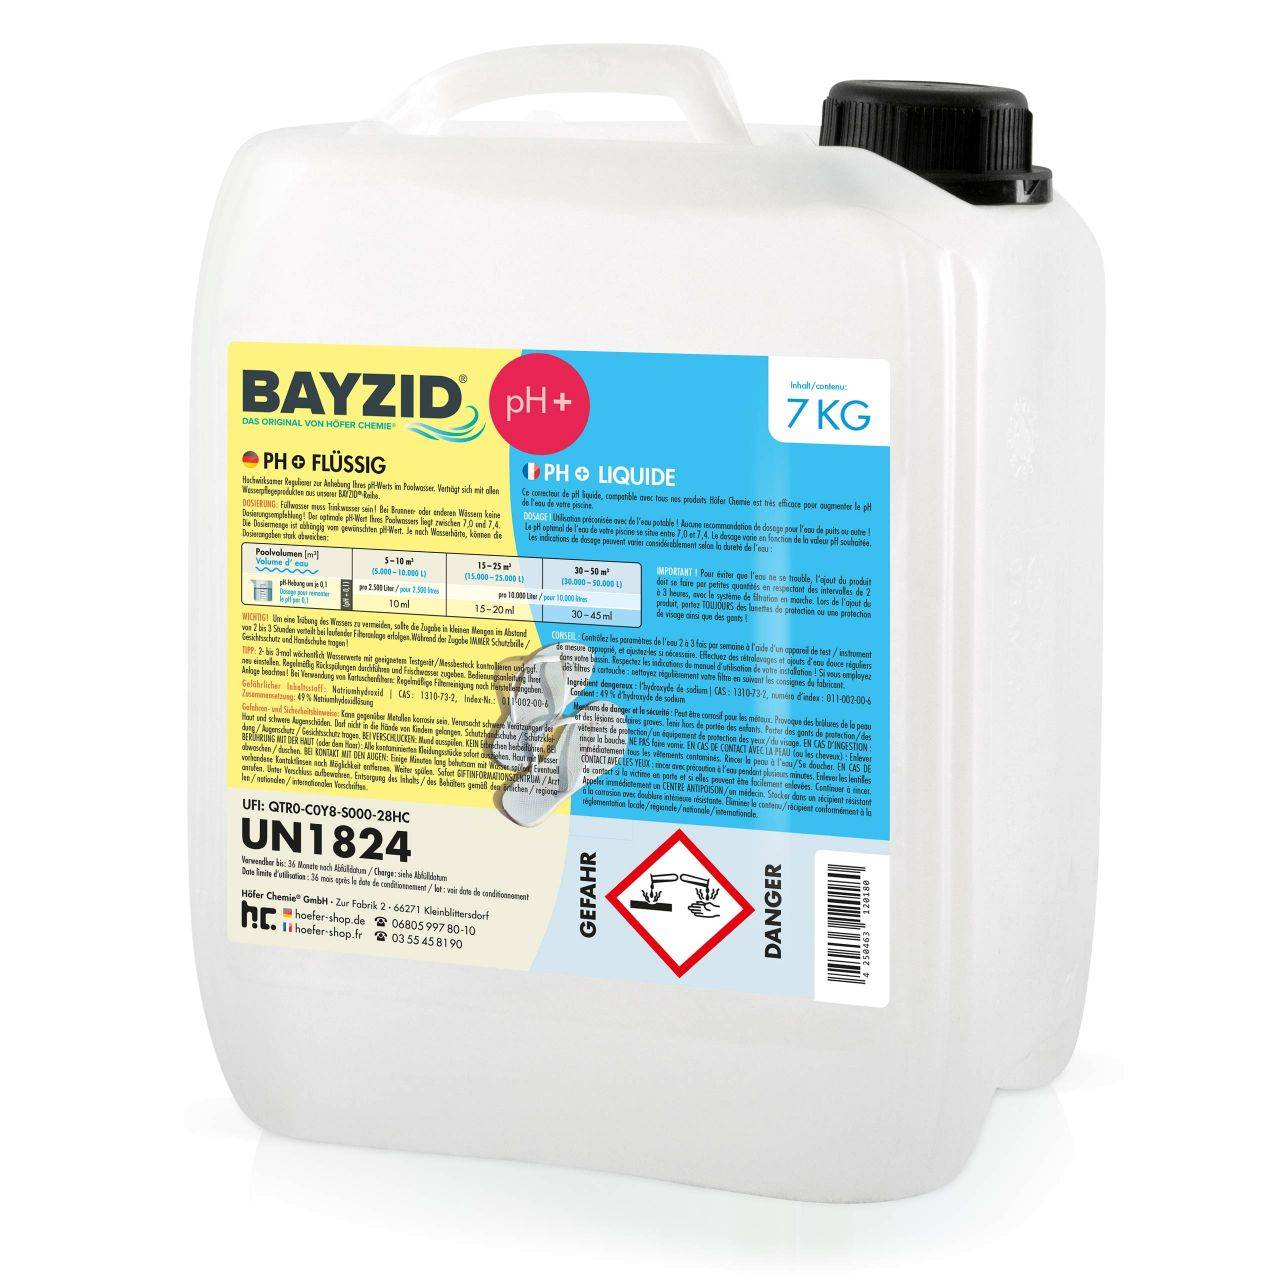 BAYZID 7 kg pH plus liquide (1 x 7 kg)